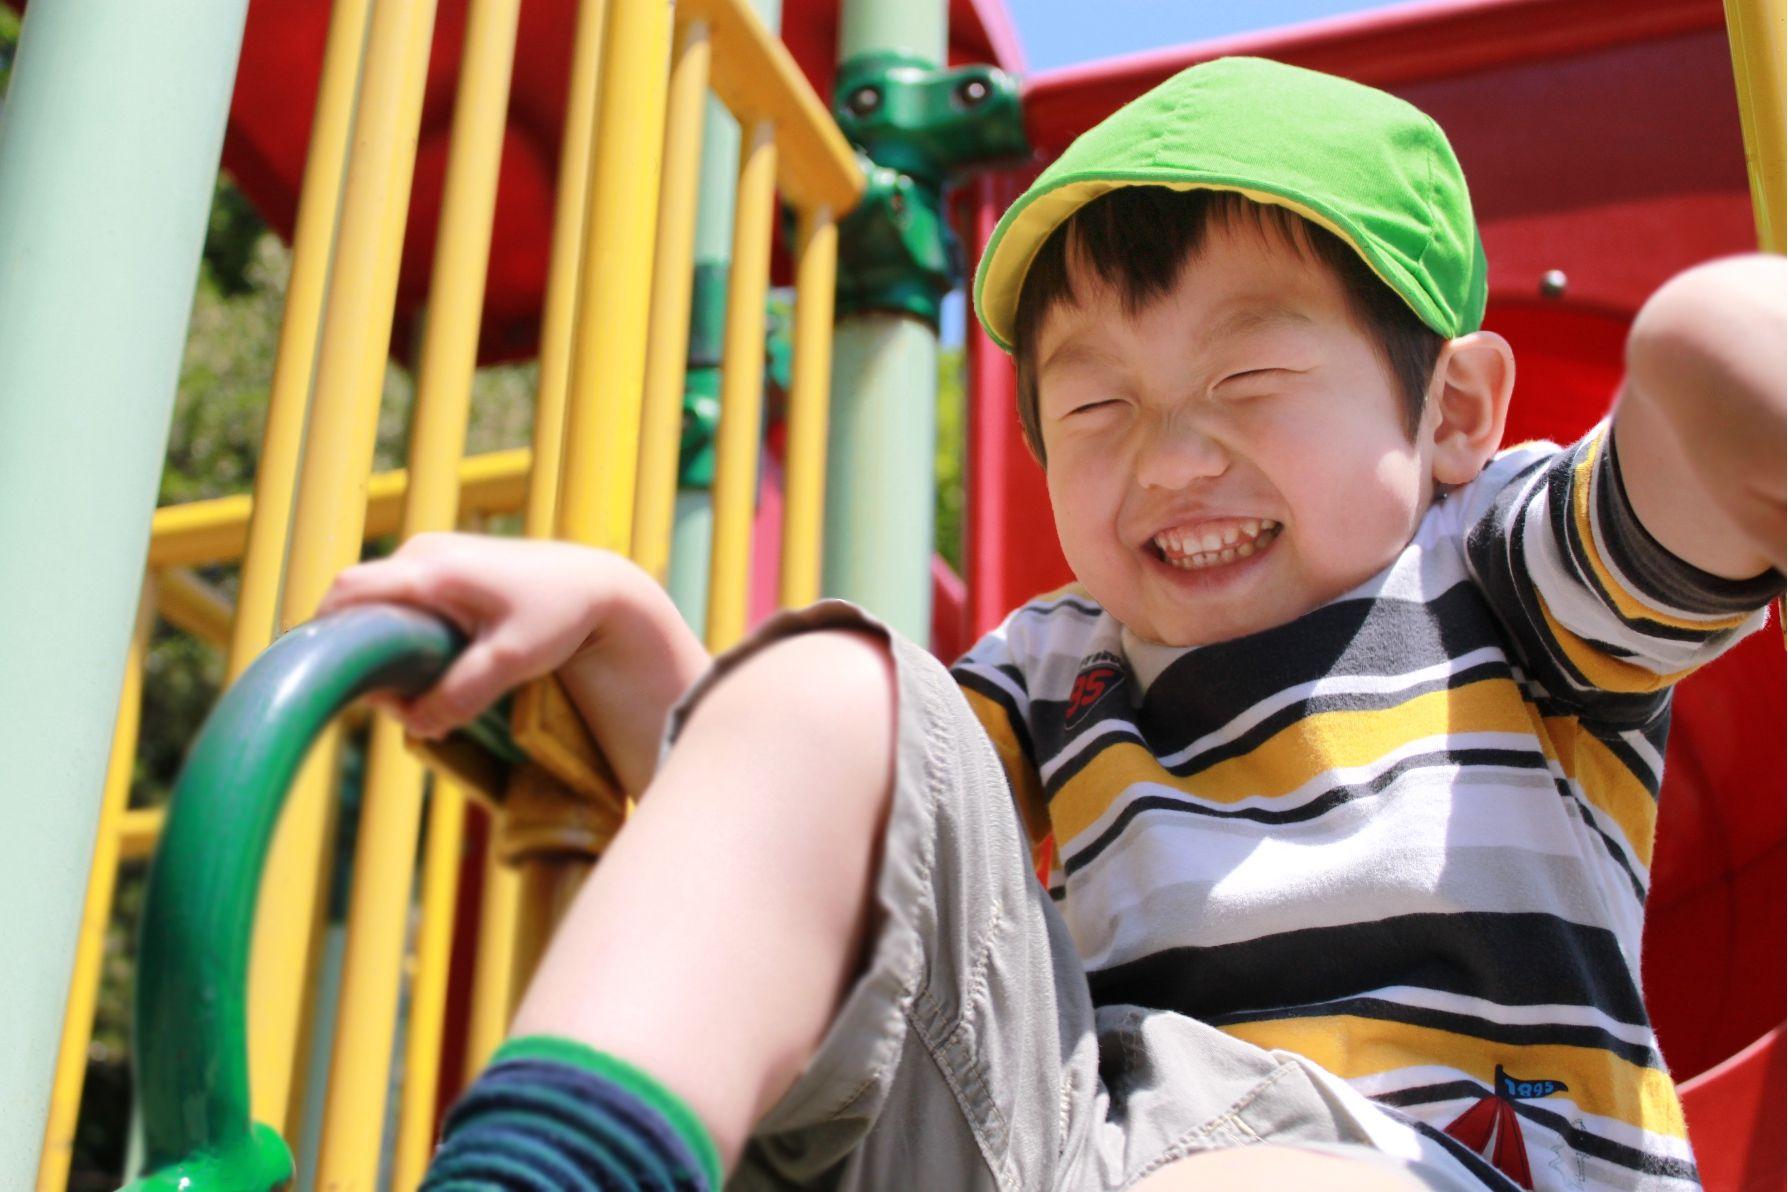 【2018年4月開園予定】面接交通費支給★ぴかぴかの保育園でイチからのスタート!研修制度も整っているので、ブランクがある方も安心!